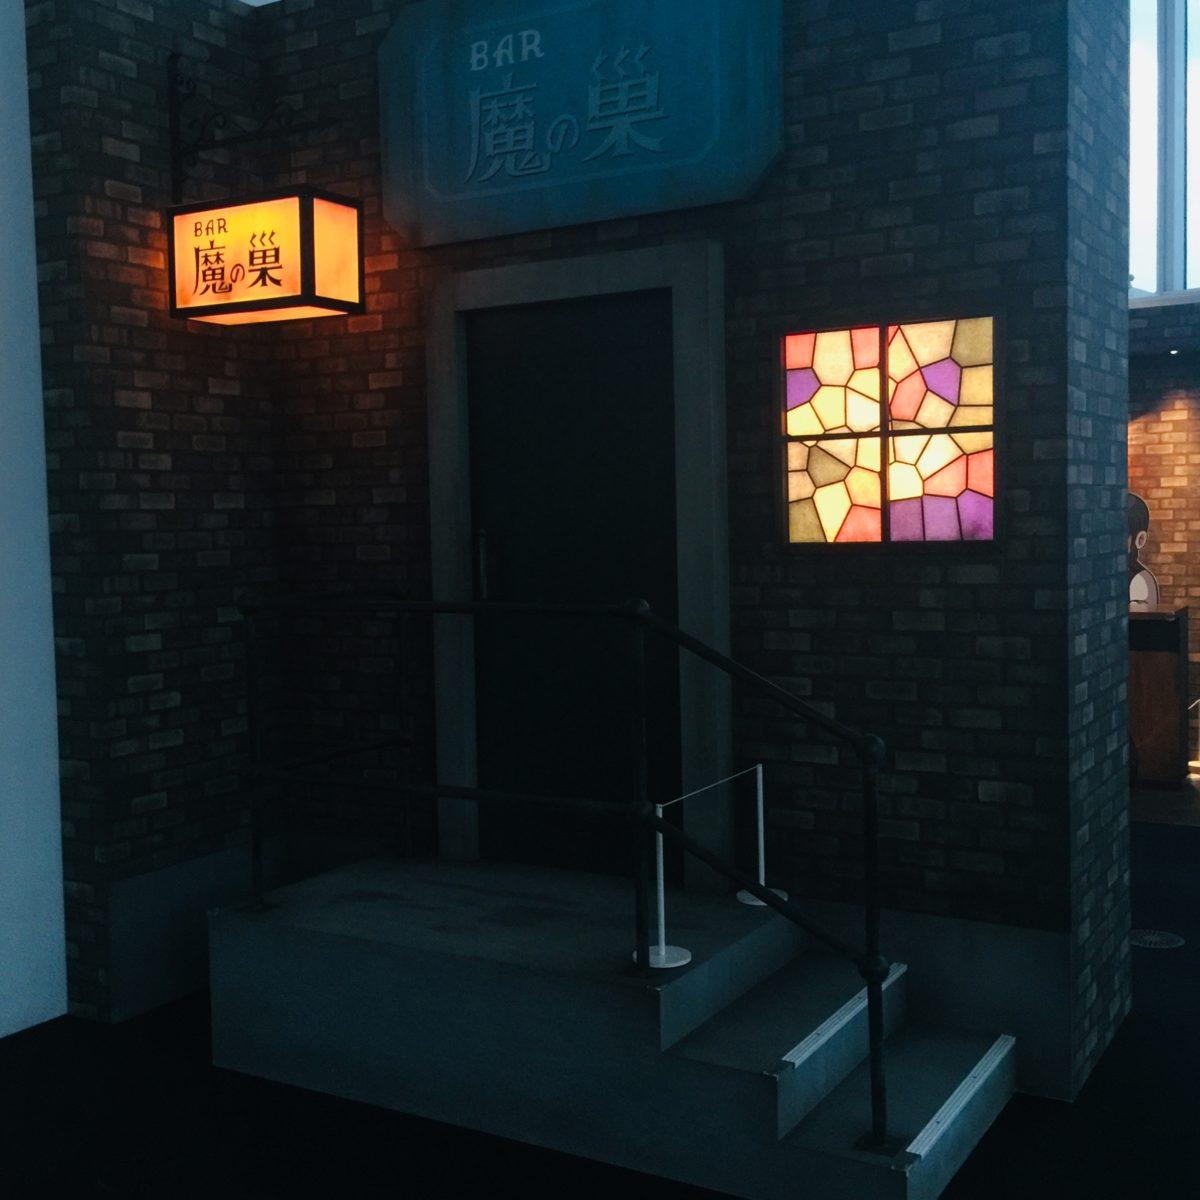 「藤子不二雄Ⓐ展」でのBAR魔の巣